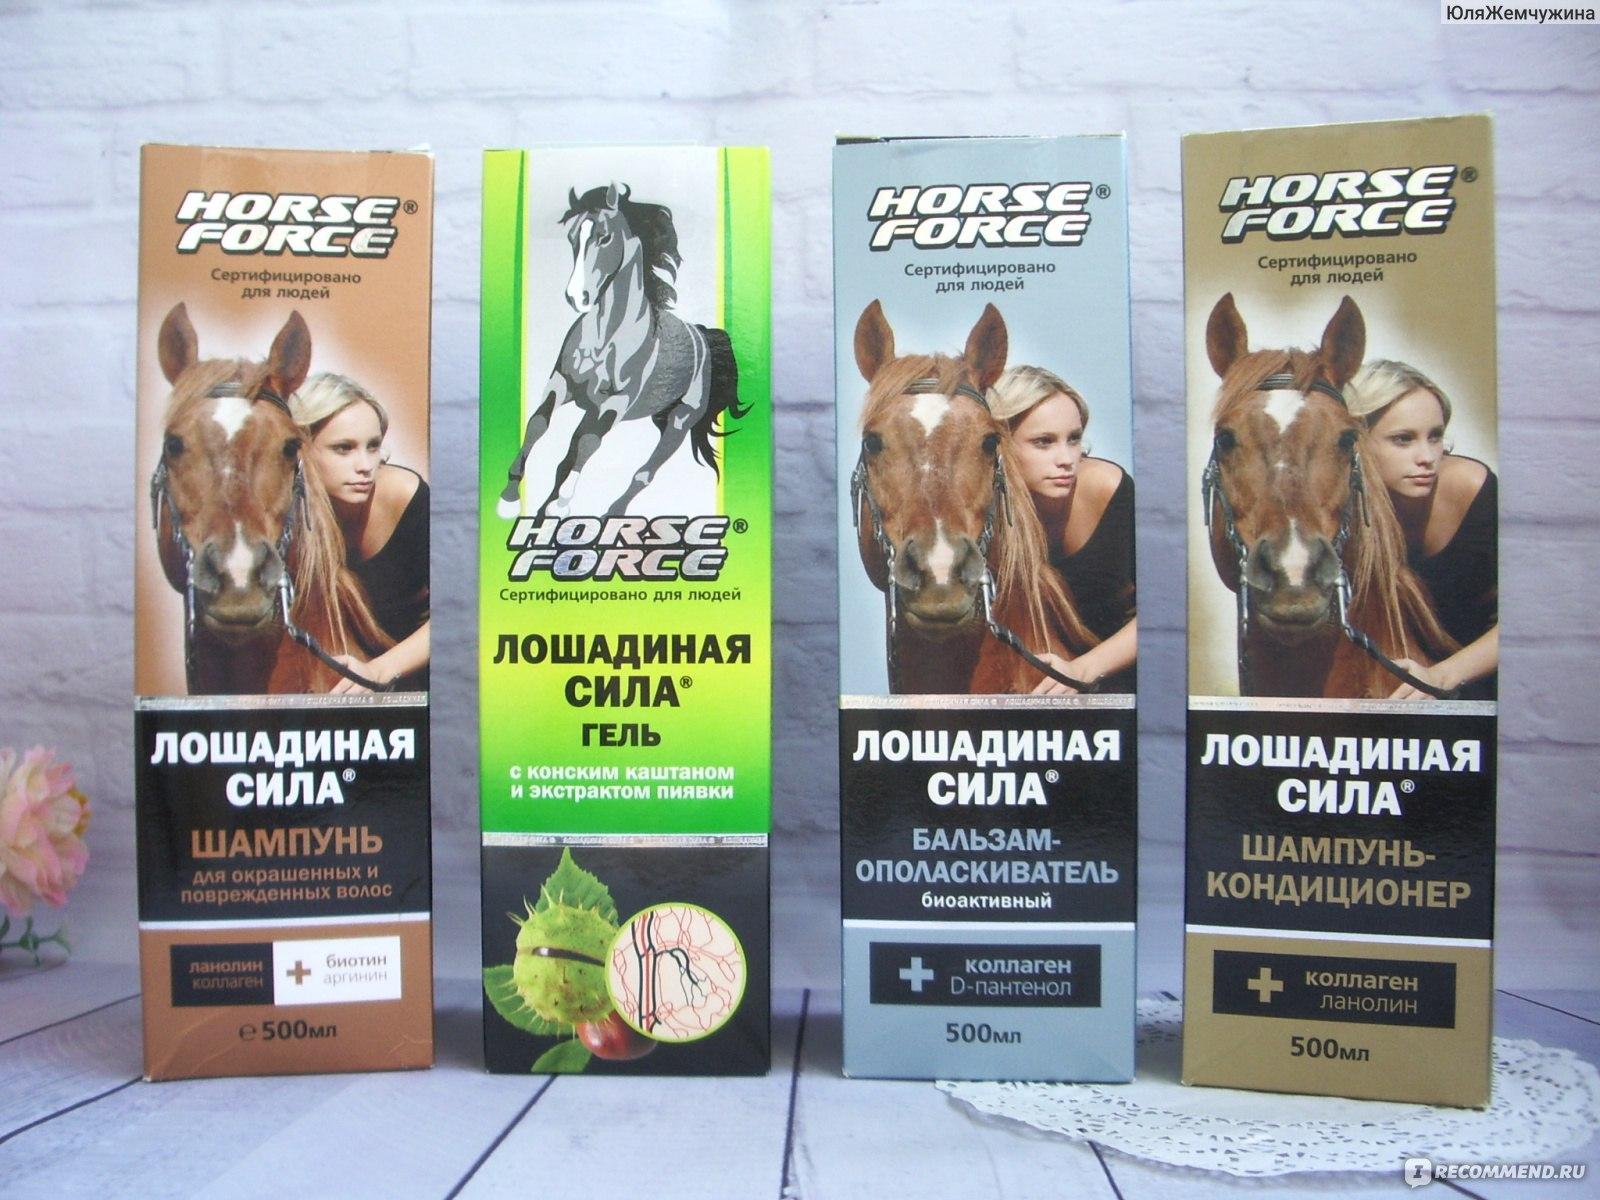 Шампунь лошадиная сила - разбор состава, отзывы